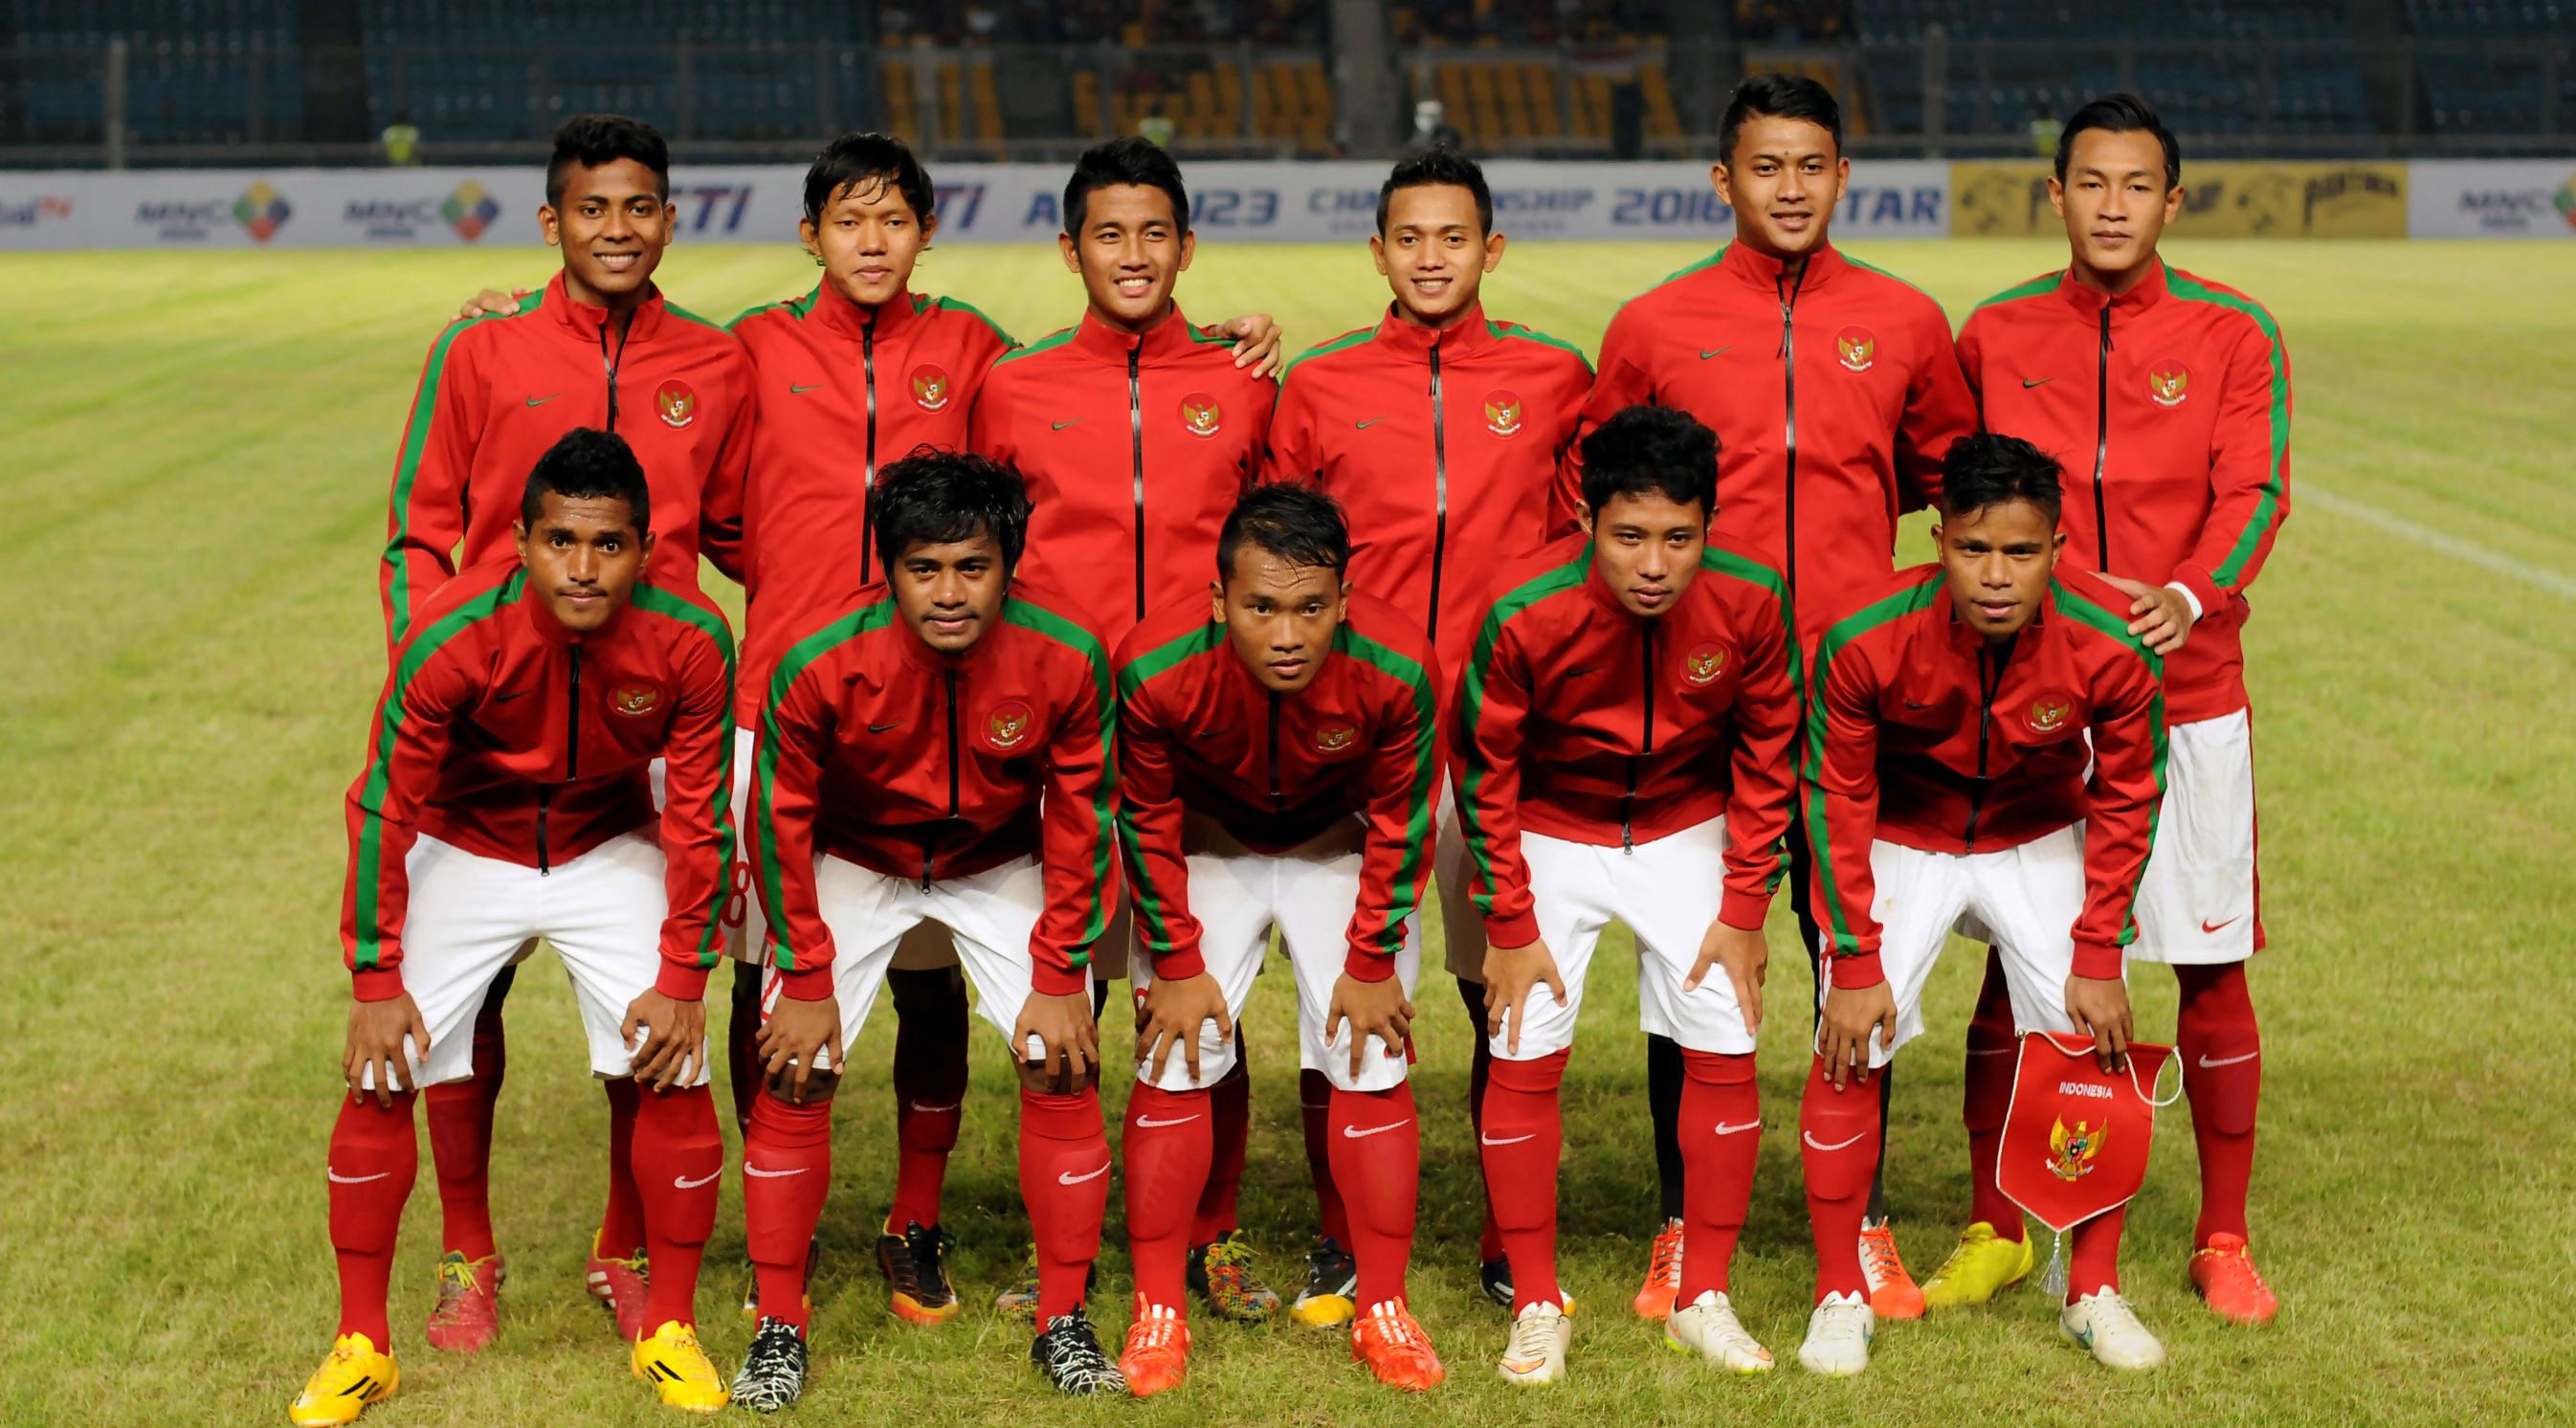 Hasil pertandingan Kualifikasi Piala Asia U23 Timnas Indonesia U23 vs Brunei Darussalam